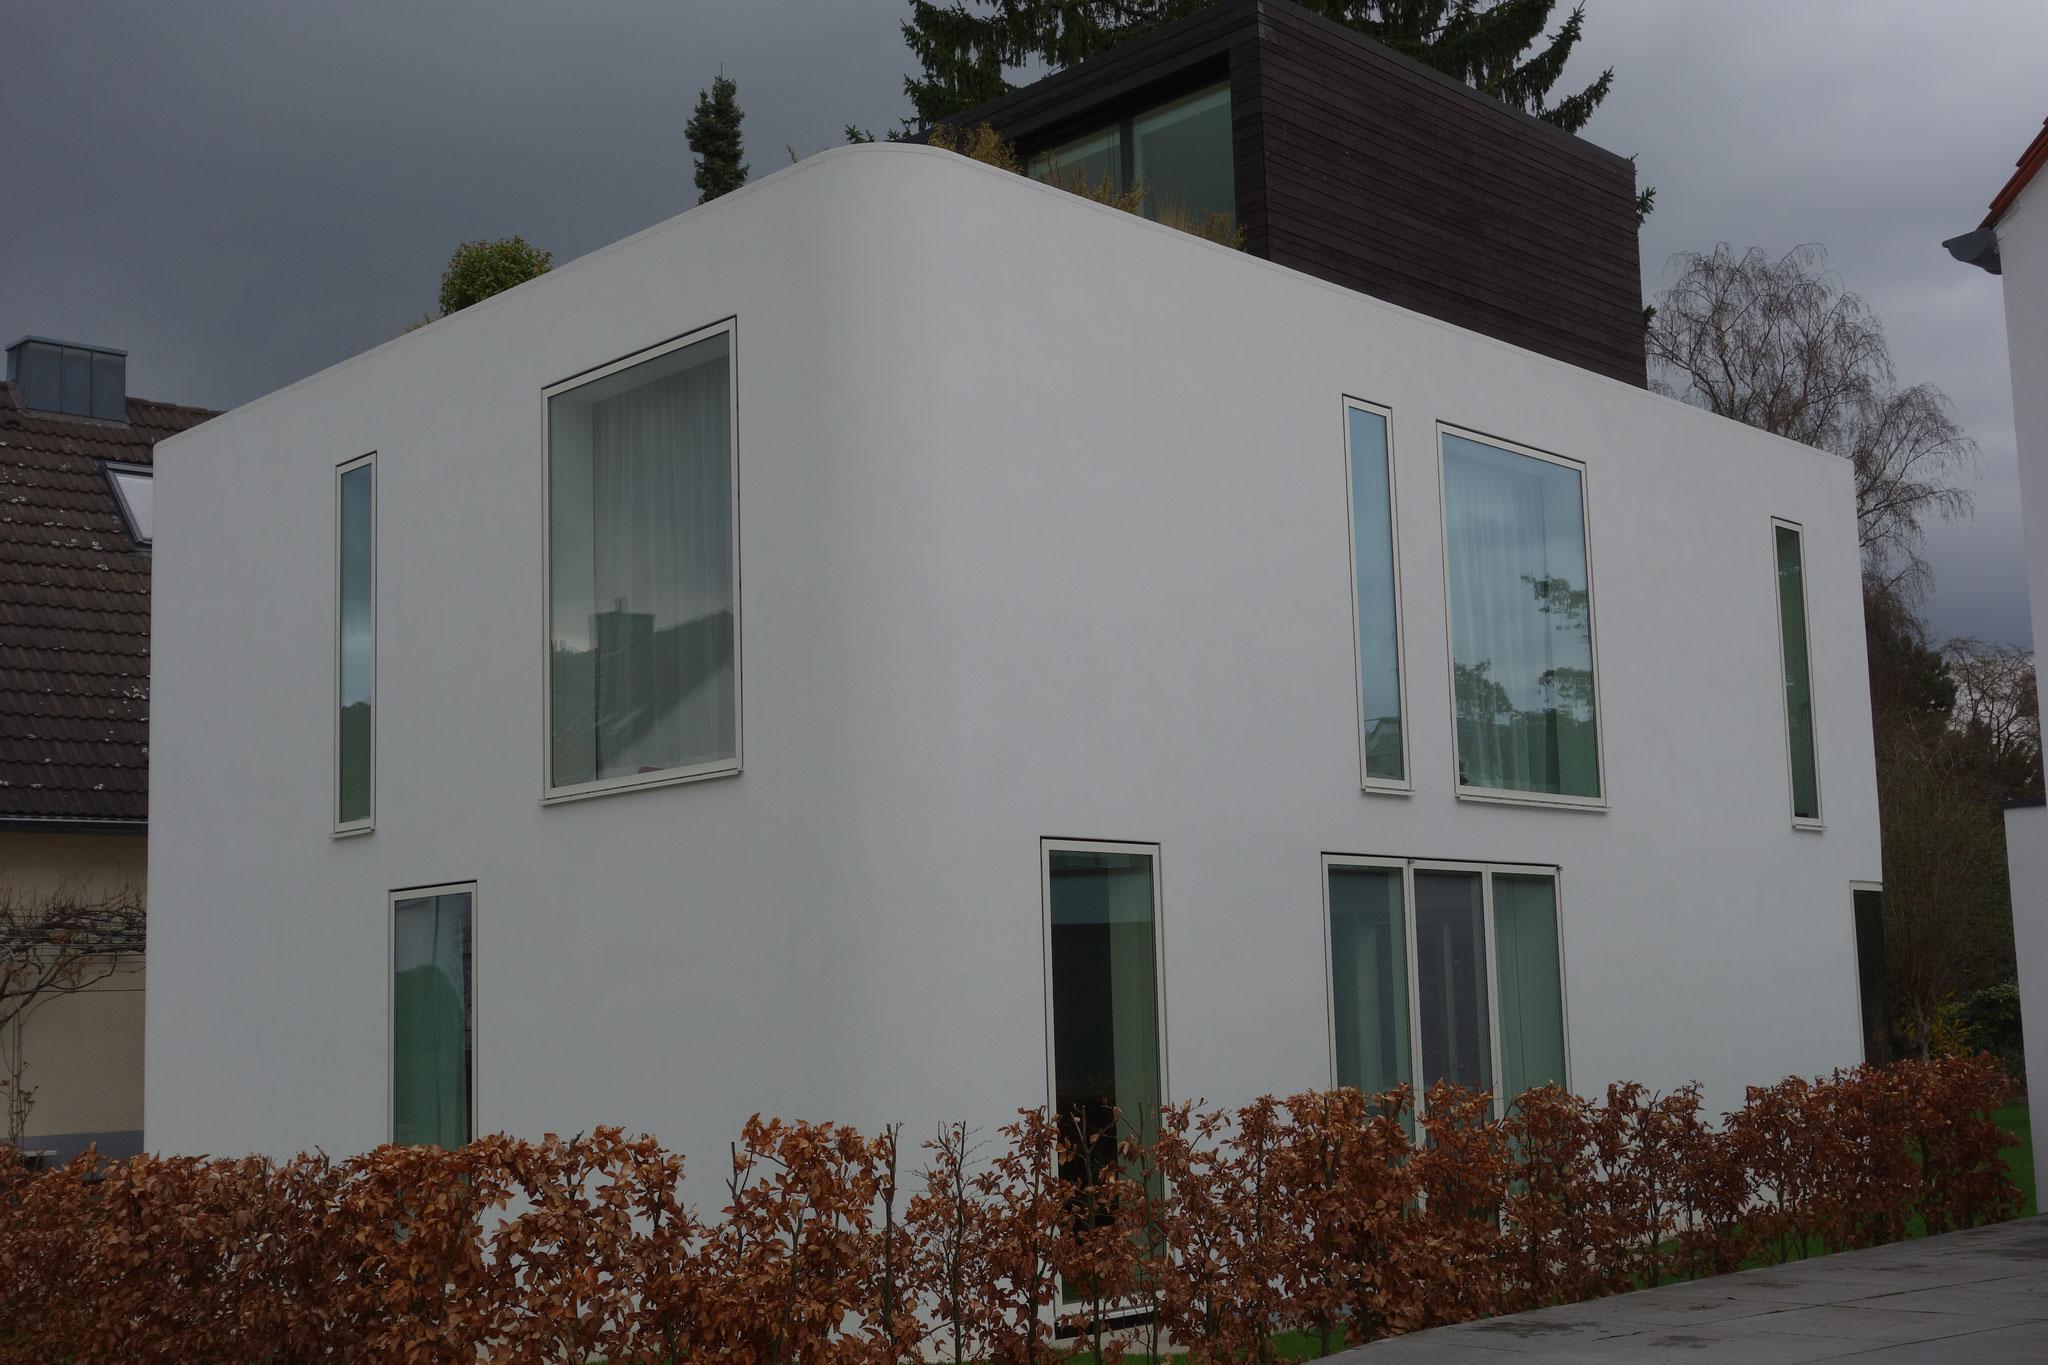 Einfamilienhaus / Architekt Martin Falke